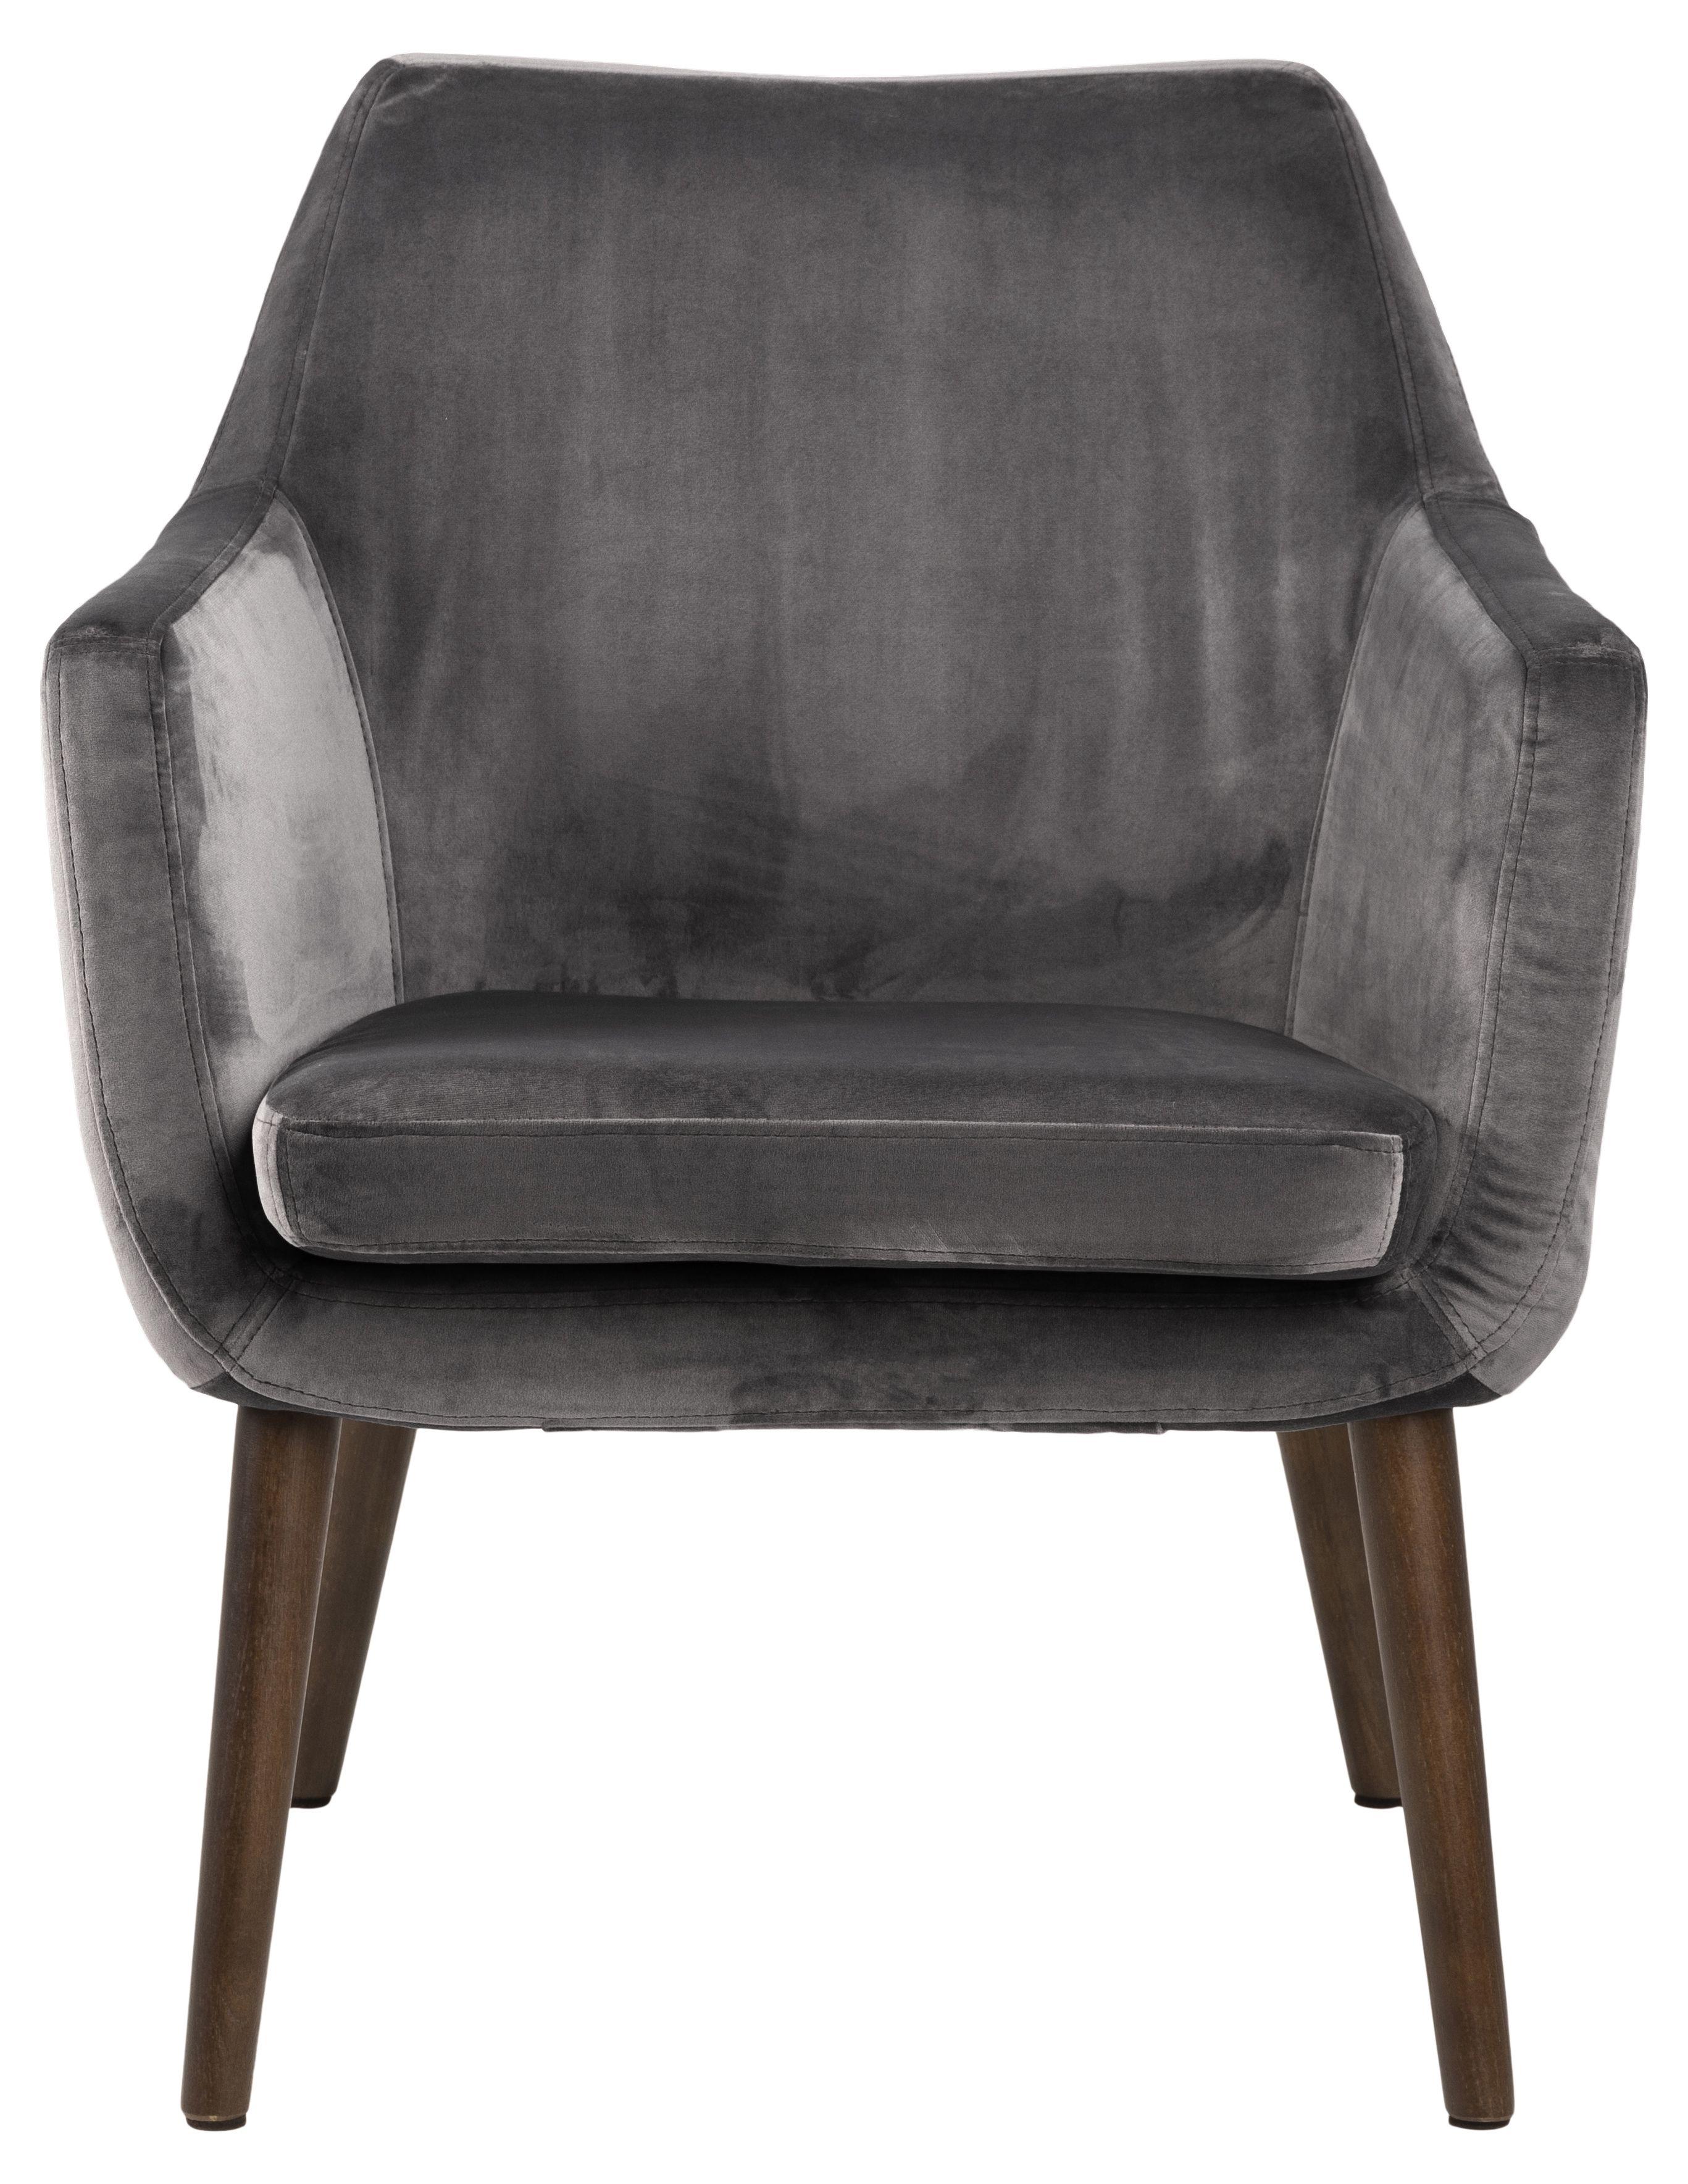 nora-fauteuil-houten-poten-grijs-velours-stof-1